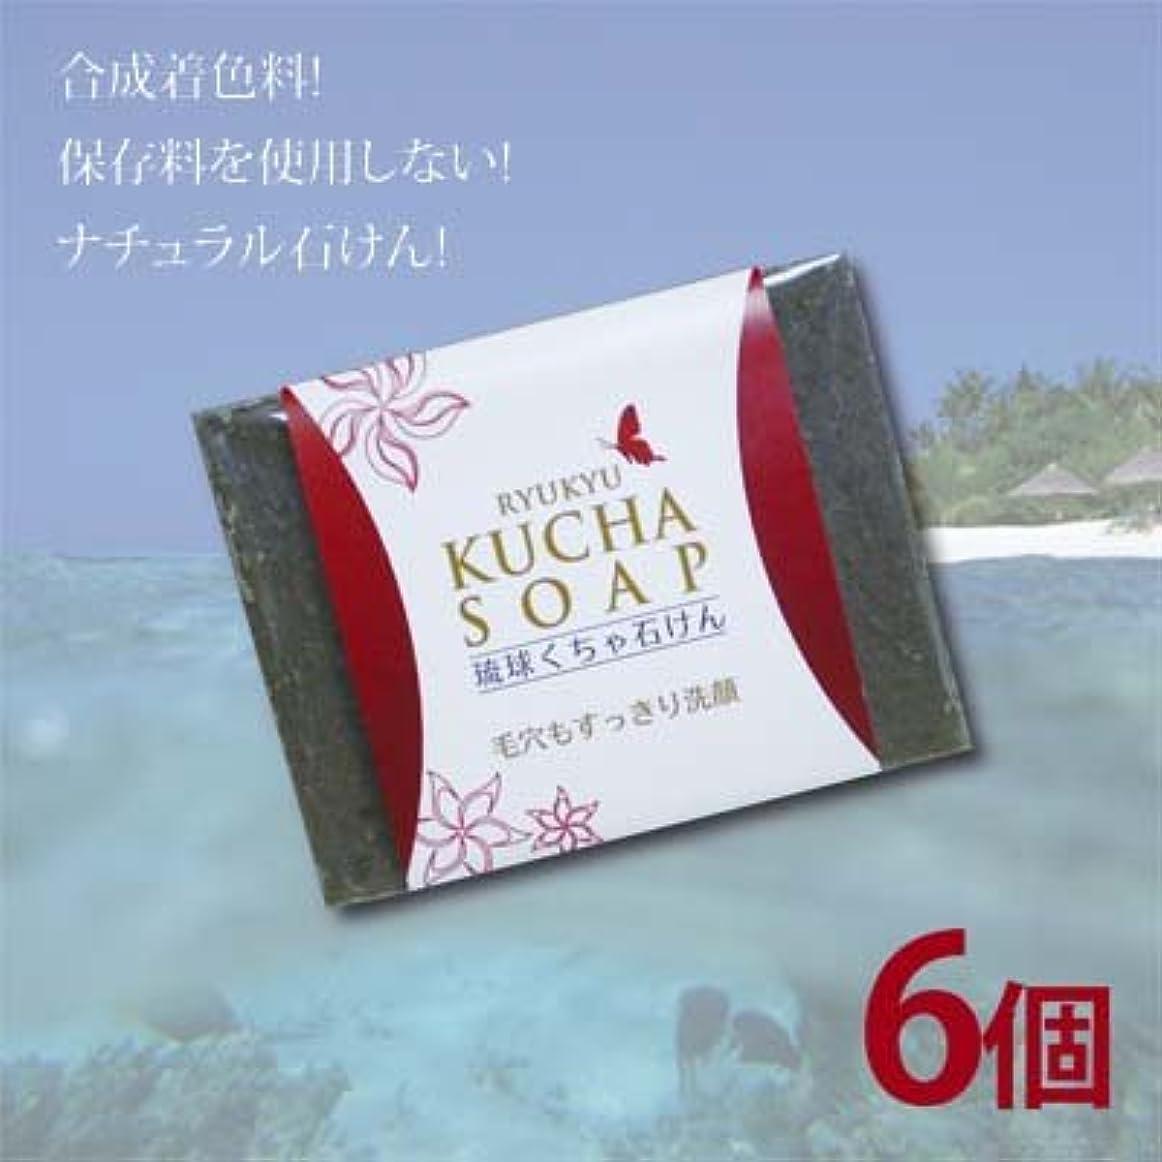 お茶クローン貫通する沖縄産琉球クチャ石けん(1個120g)6個